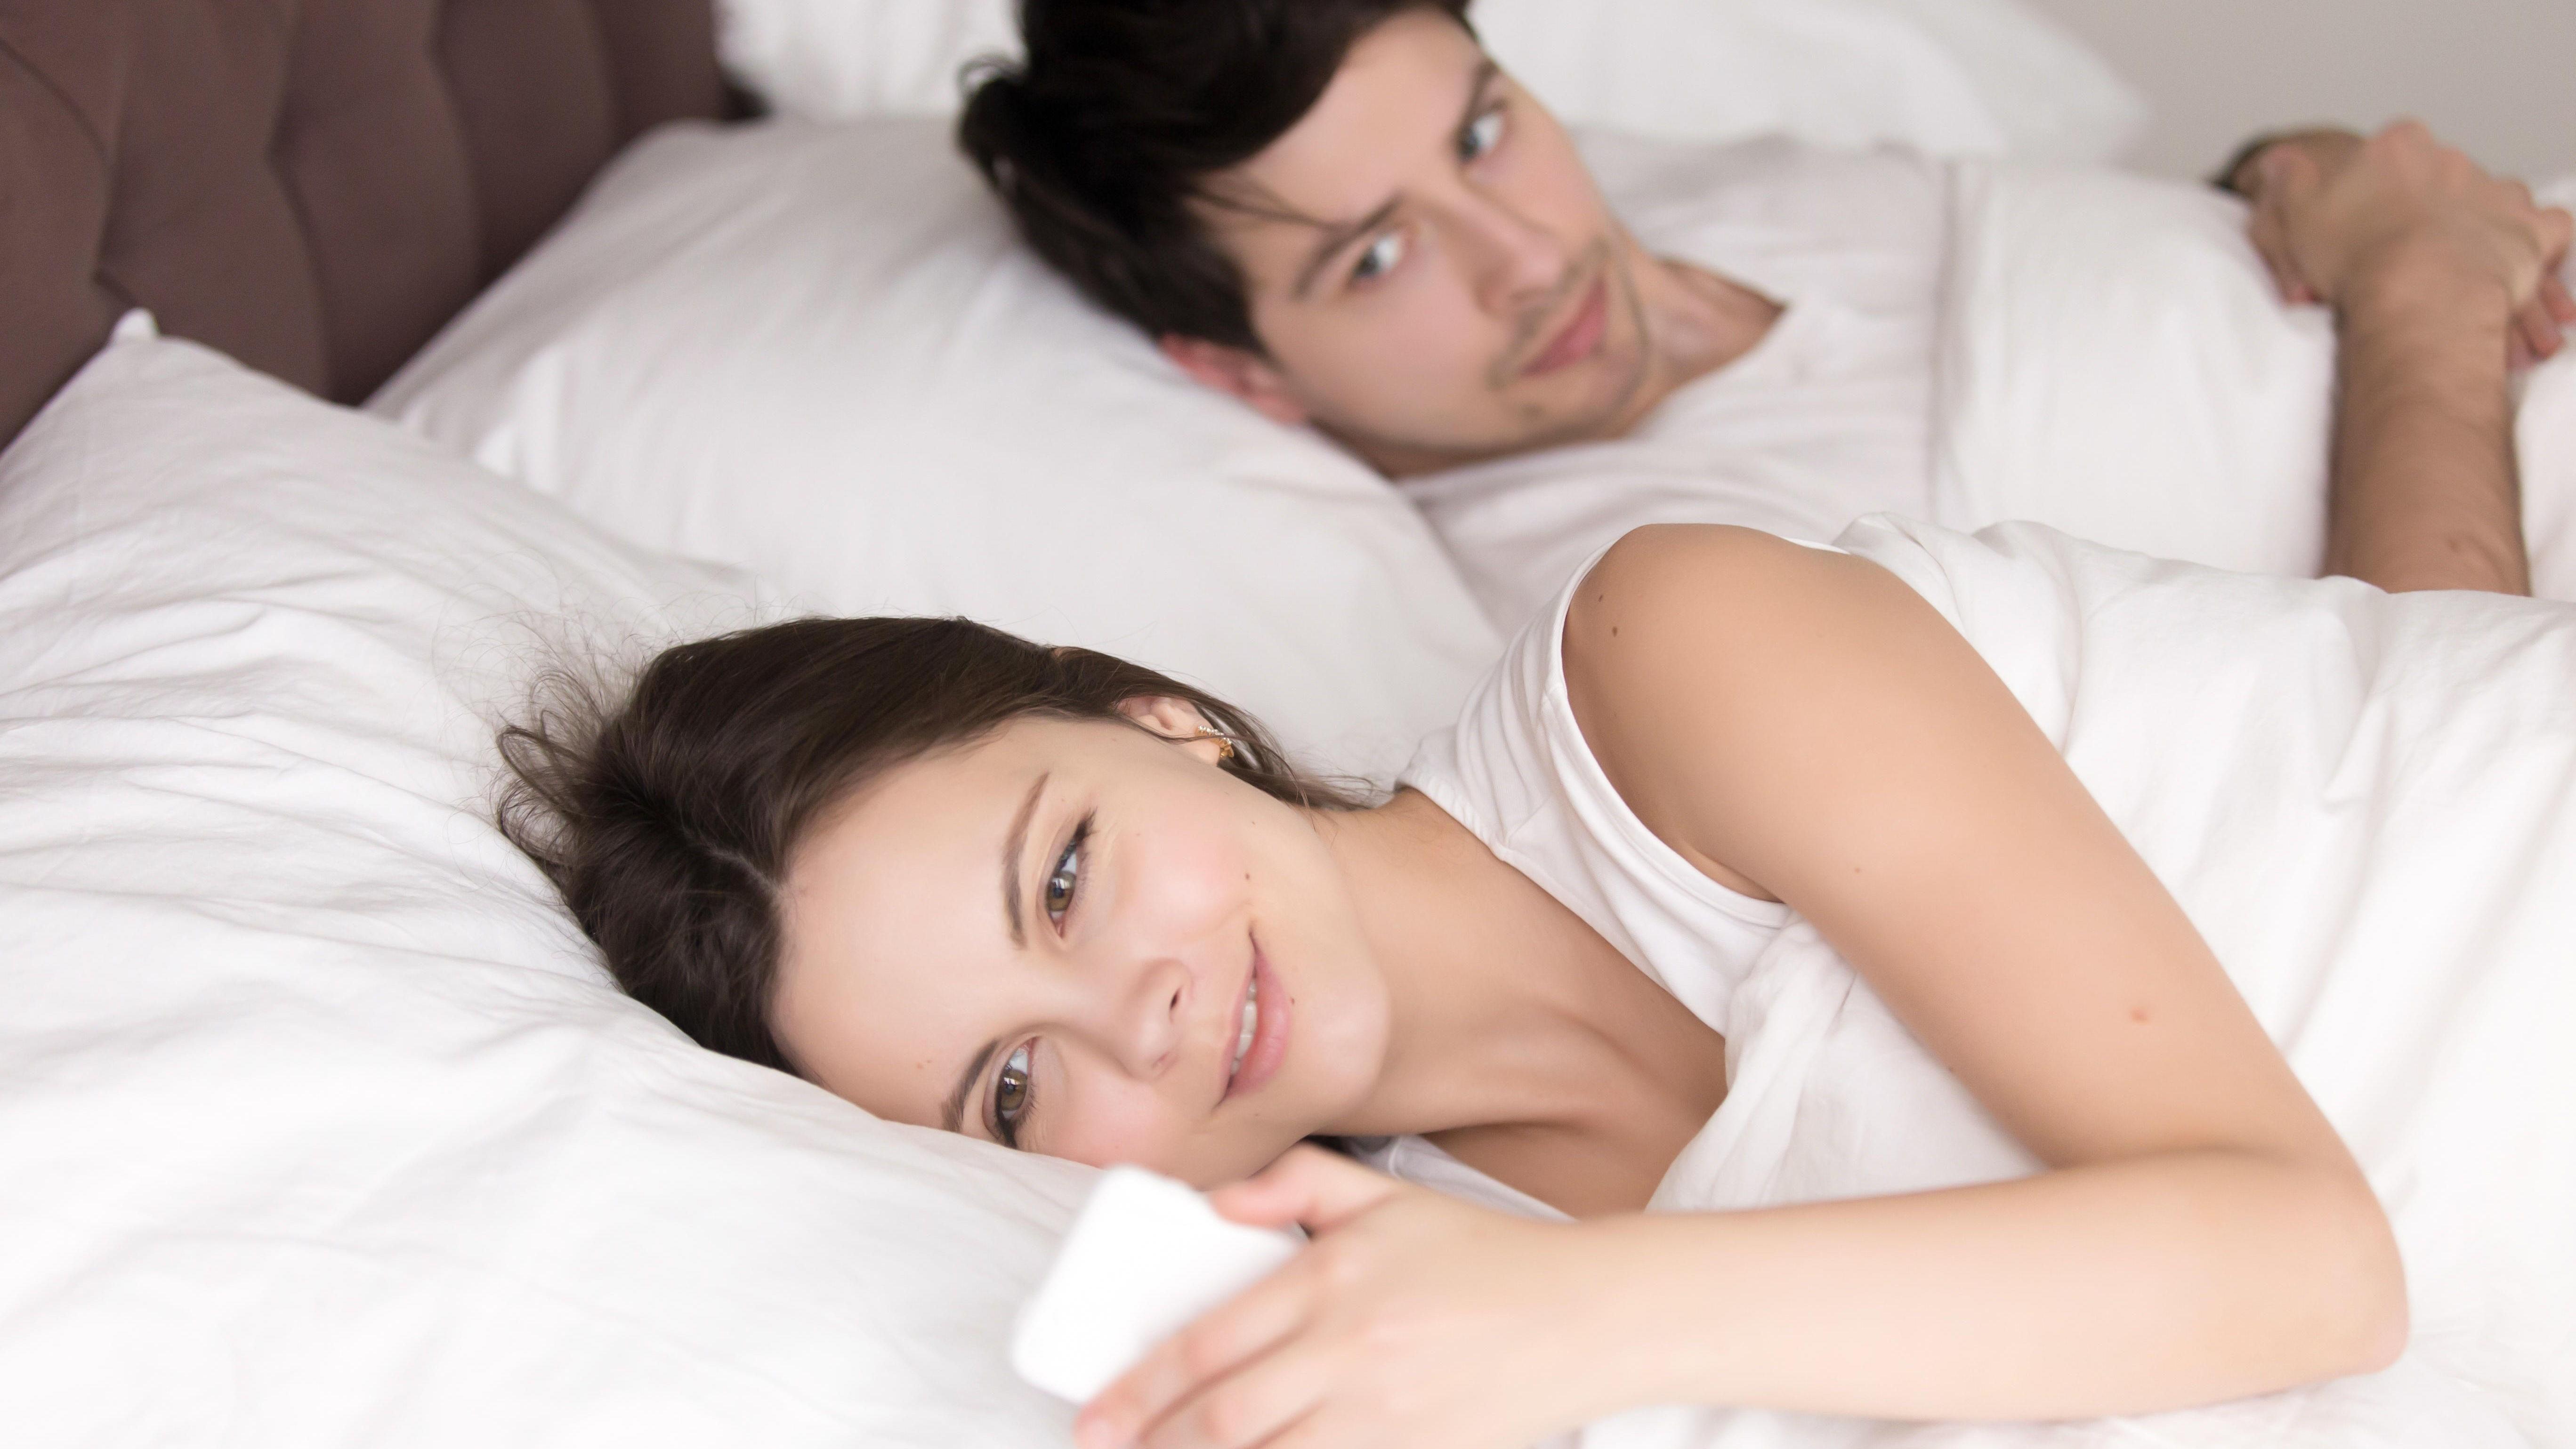 UTRO? Dersom du har kontakt med andre personer og holder dette skjult for kjæresten, kan det hende du bedriver hva eksperter kaller «mikro-utroskap».